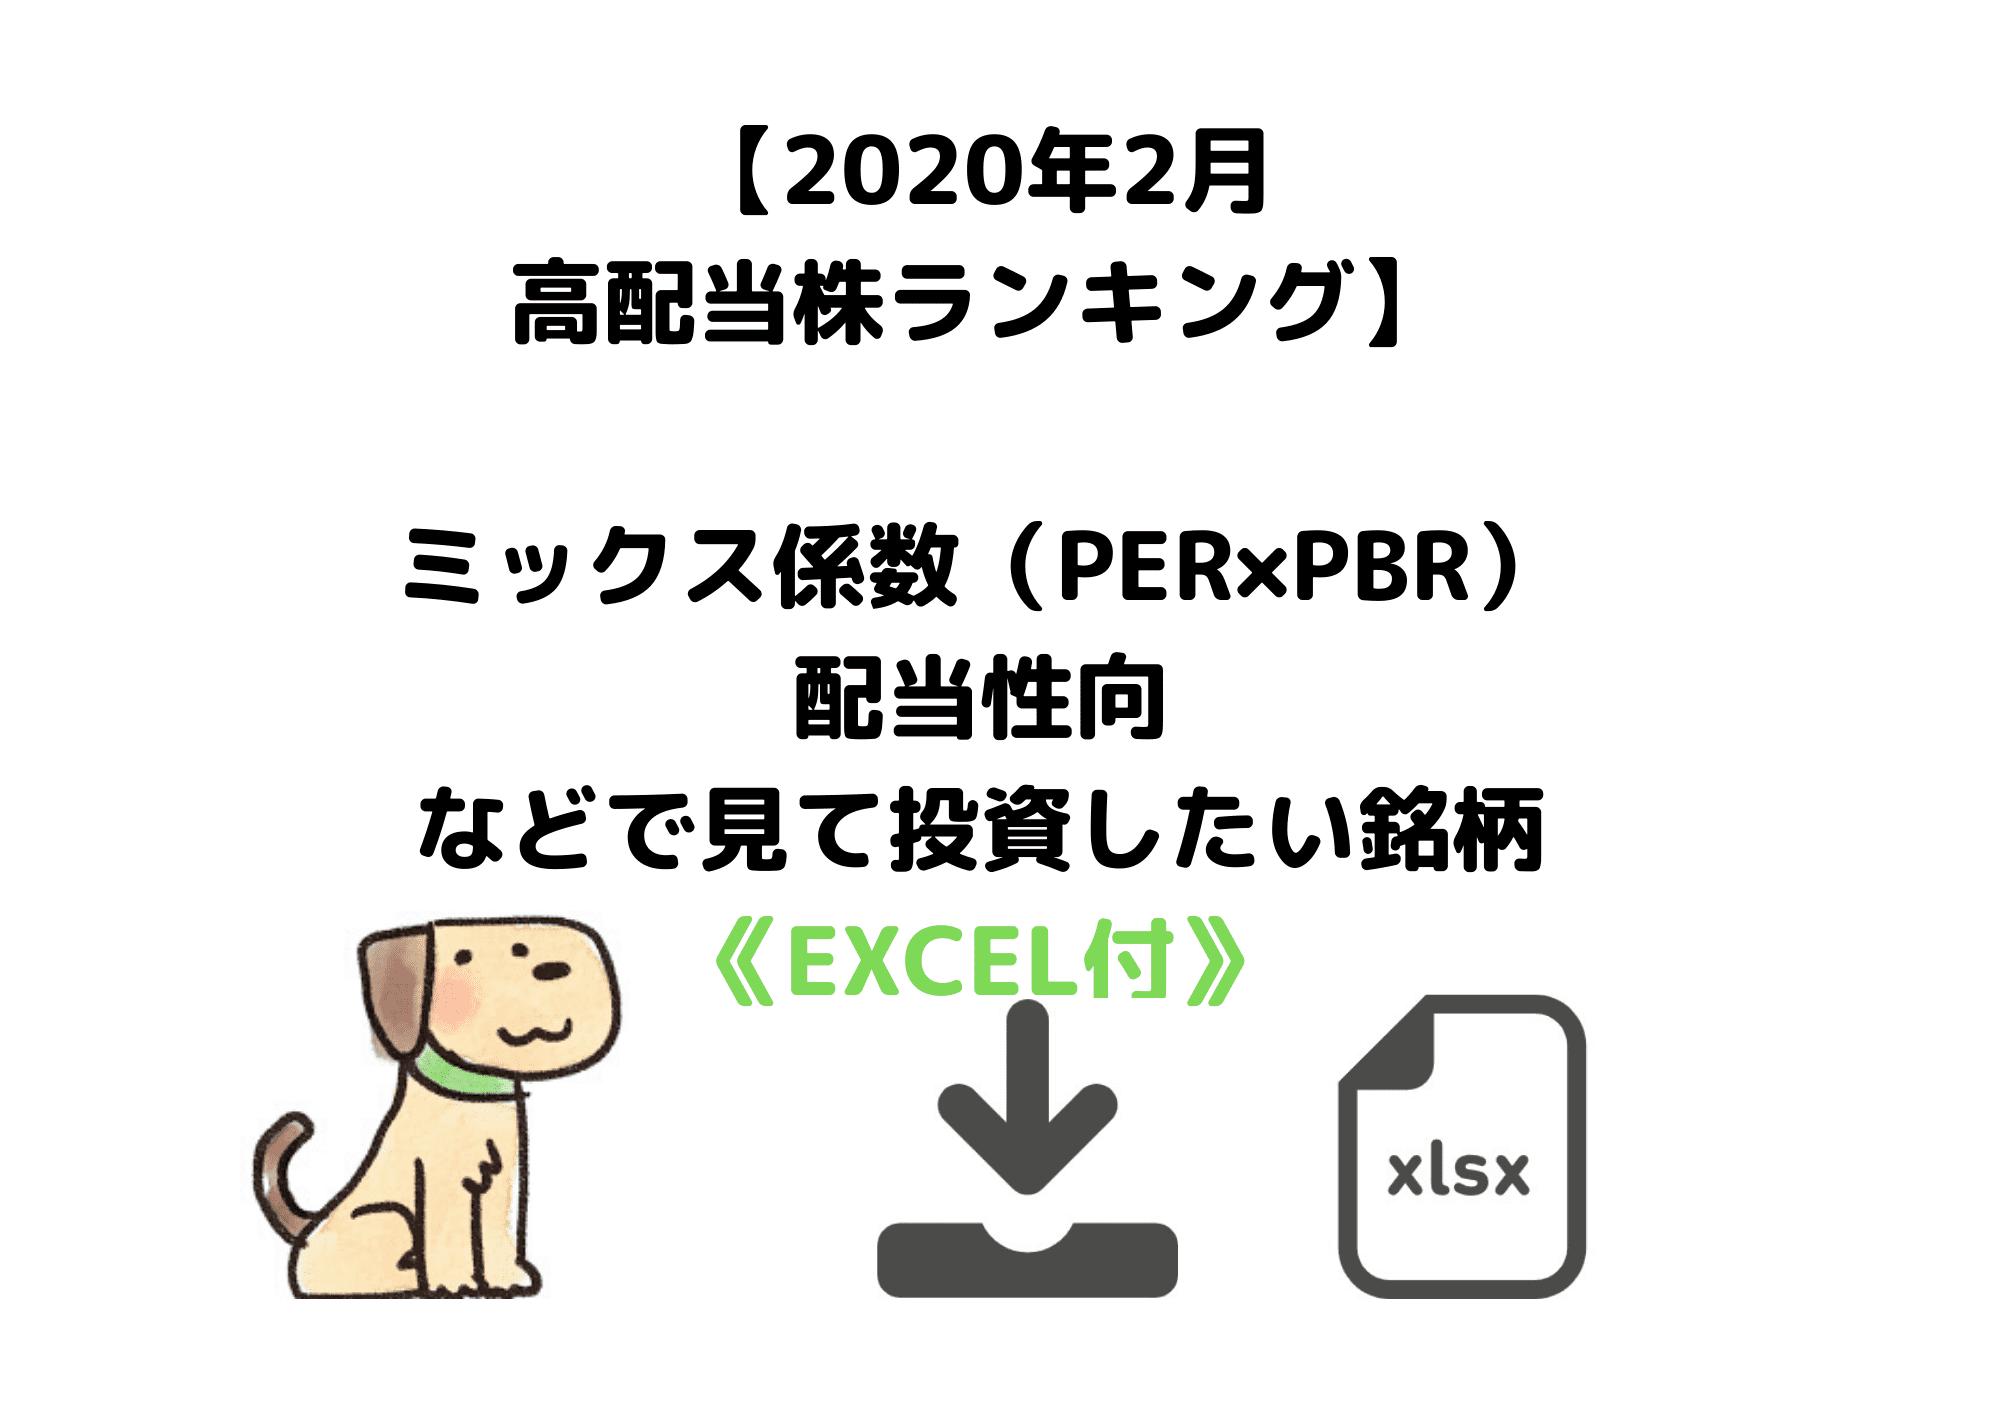 高配当ランキング2020.2.4